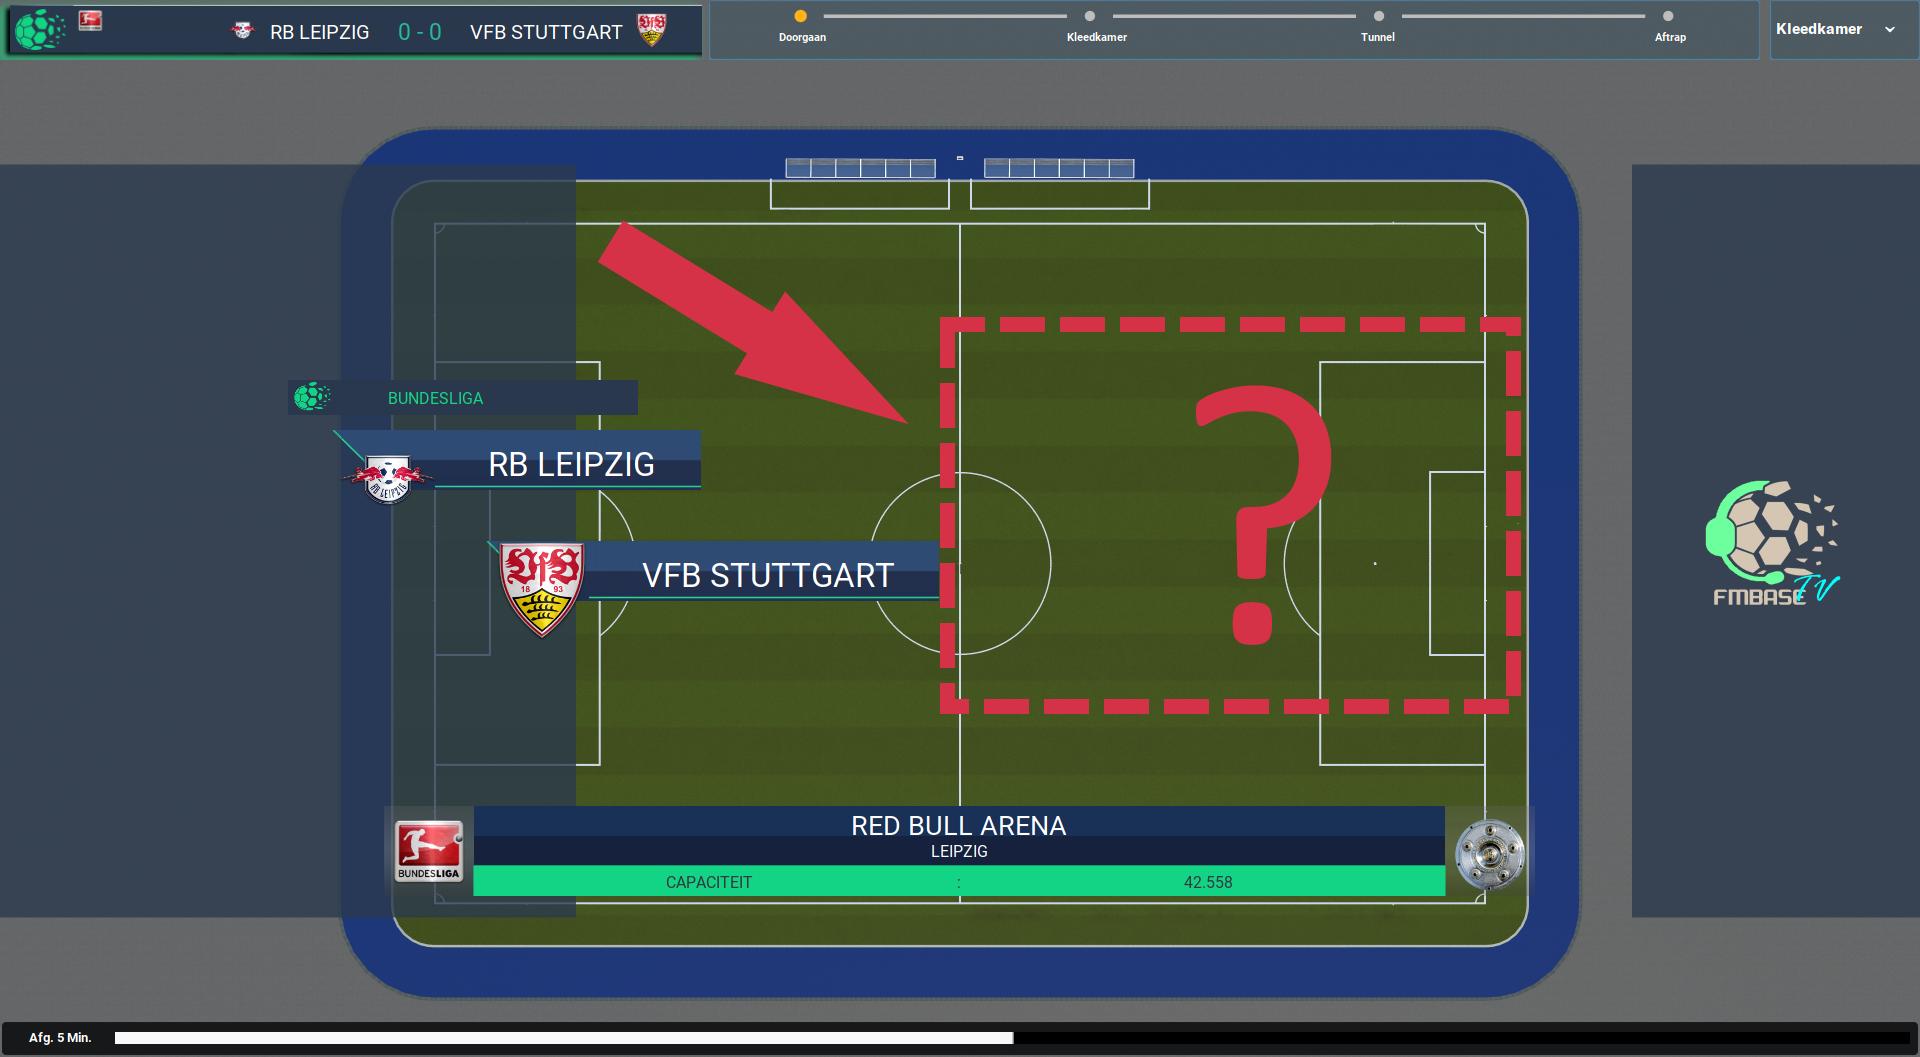 RB Leipzig - VfB Stuttgart_ Opstellingen-2.png